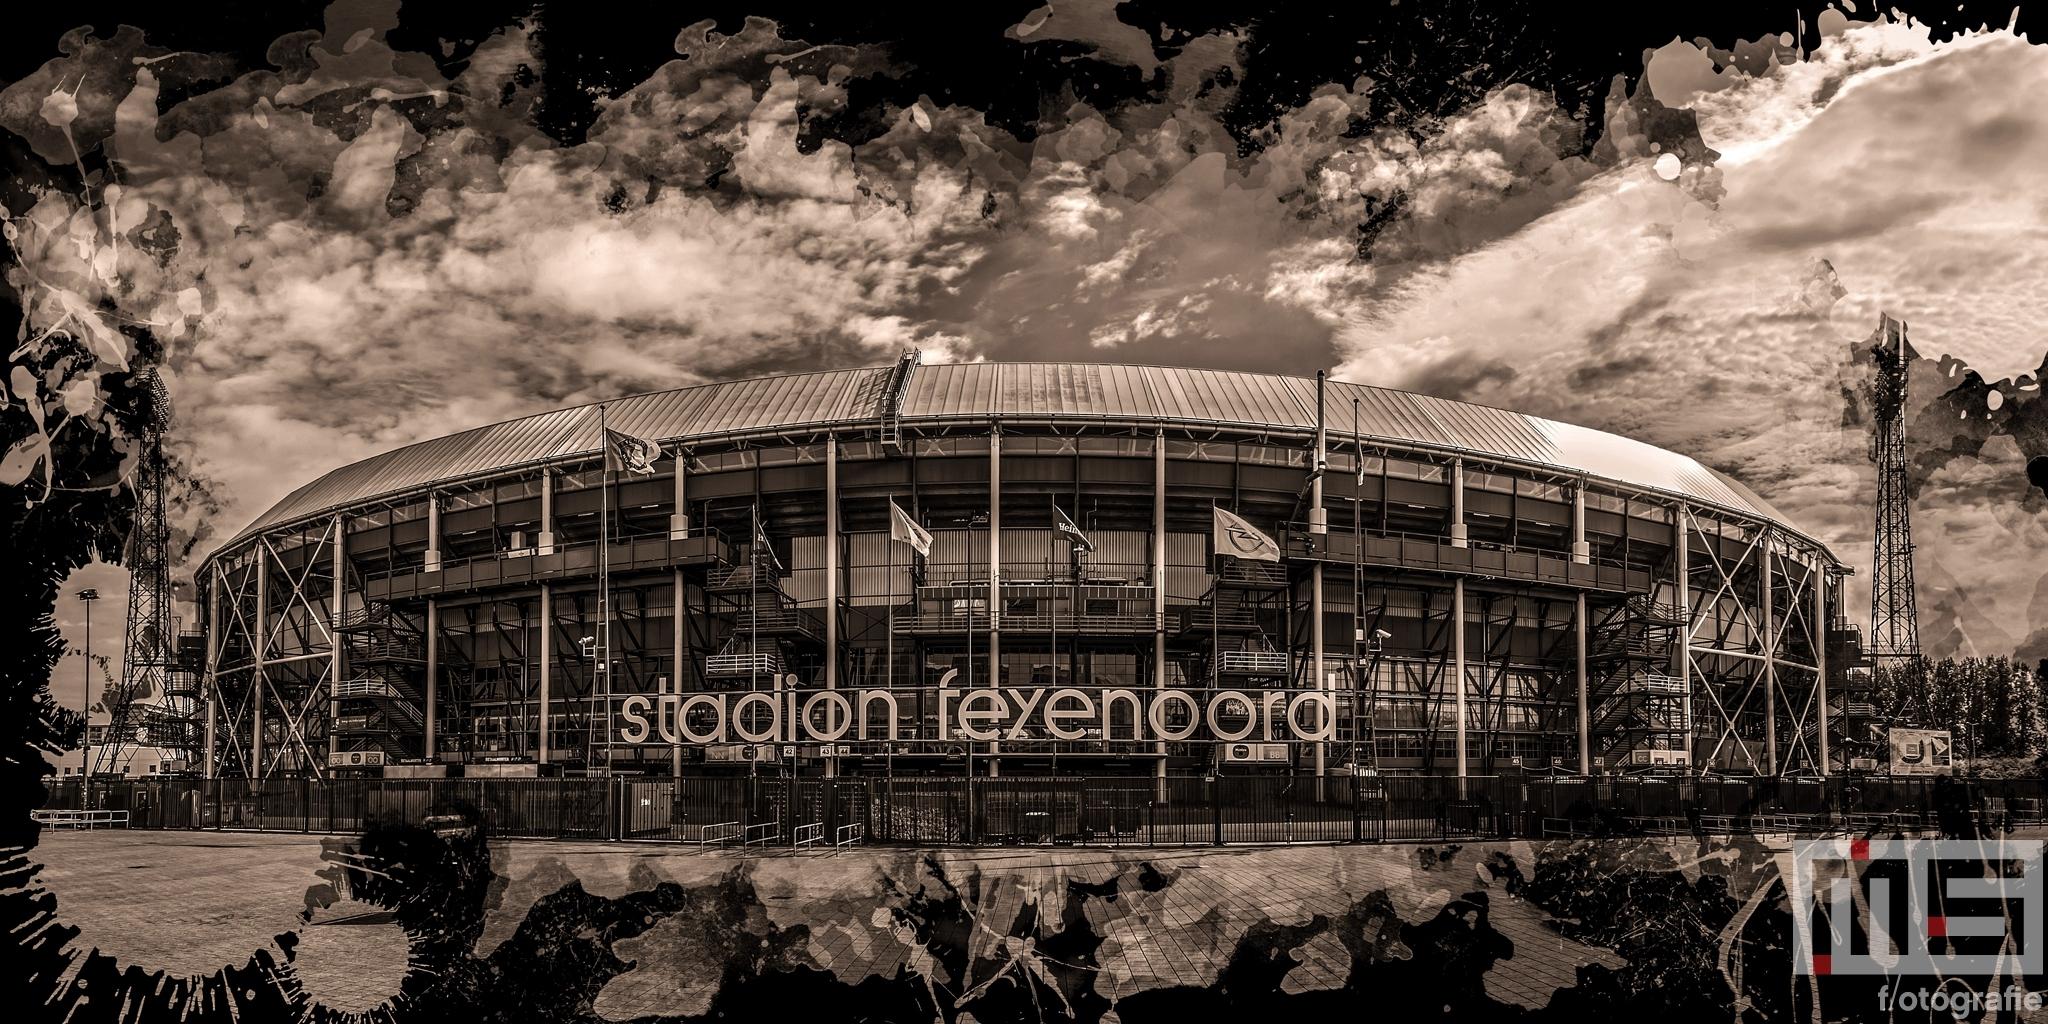 Het Feyenoord Art Stadion De Kuip in Rotterdam in zwart sepia